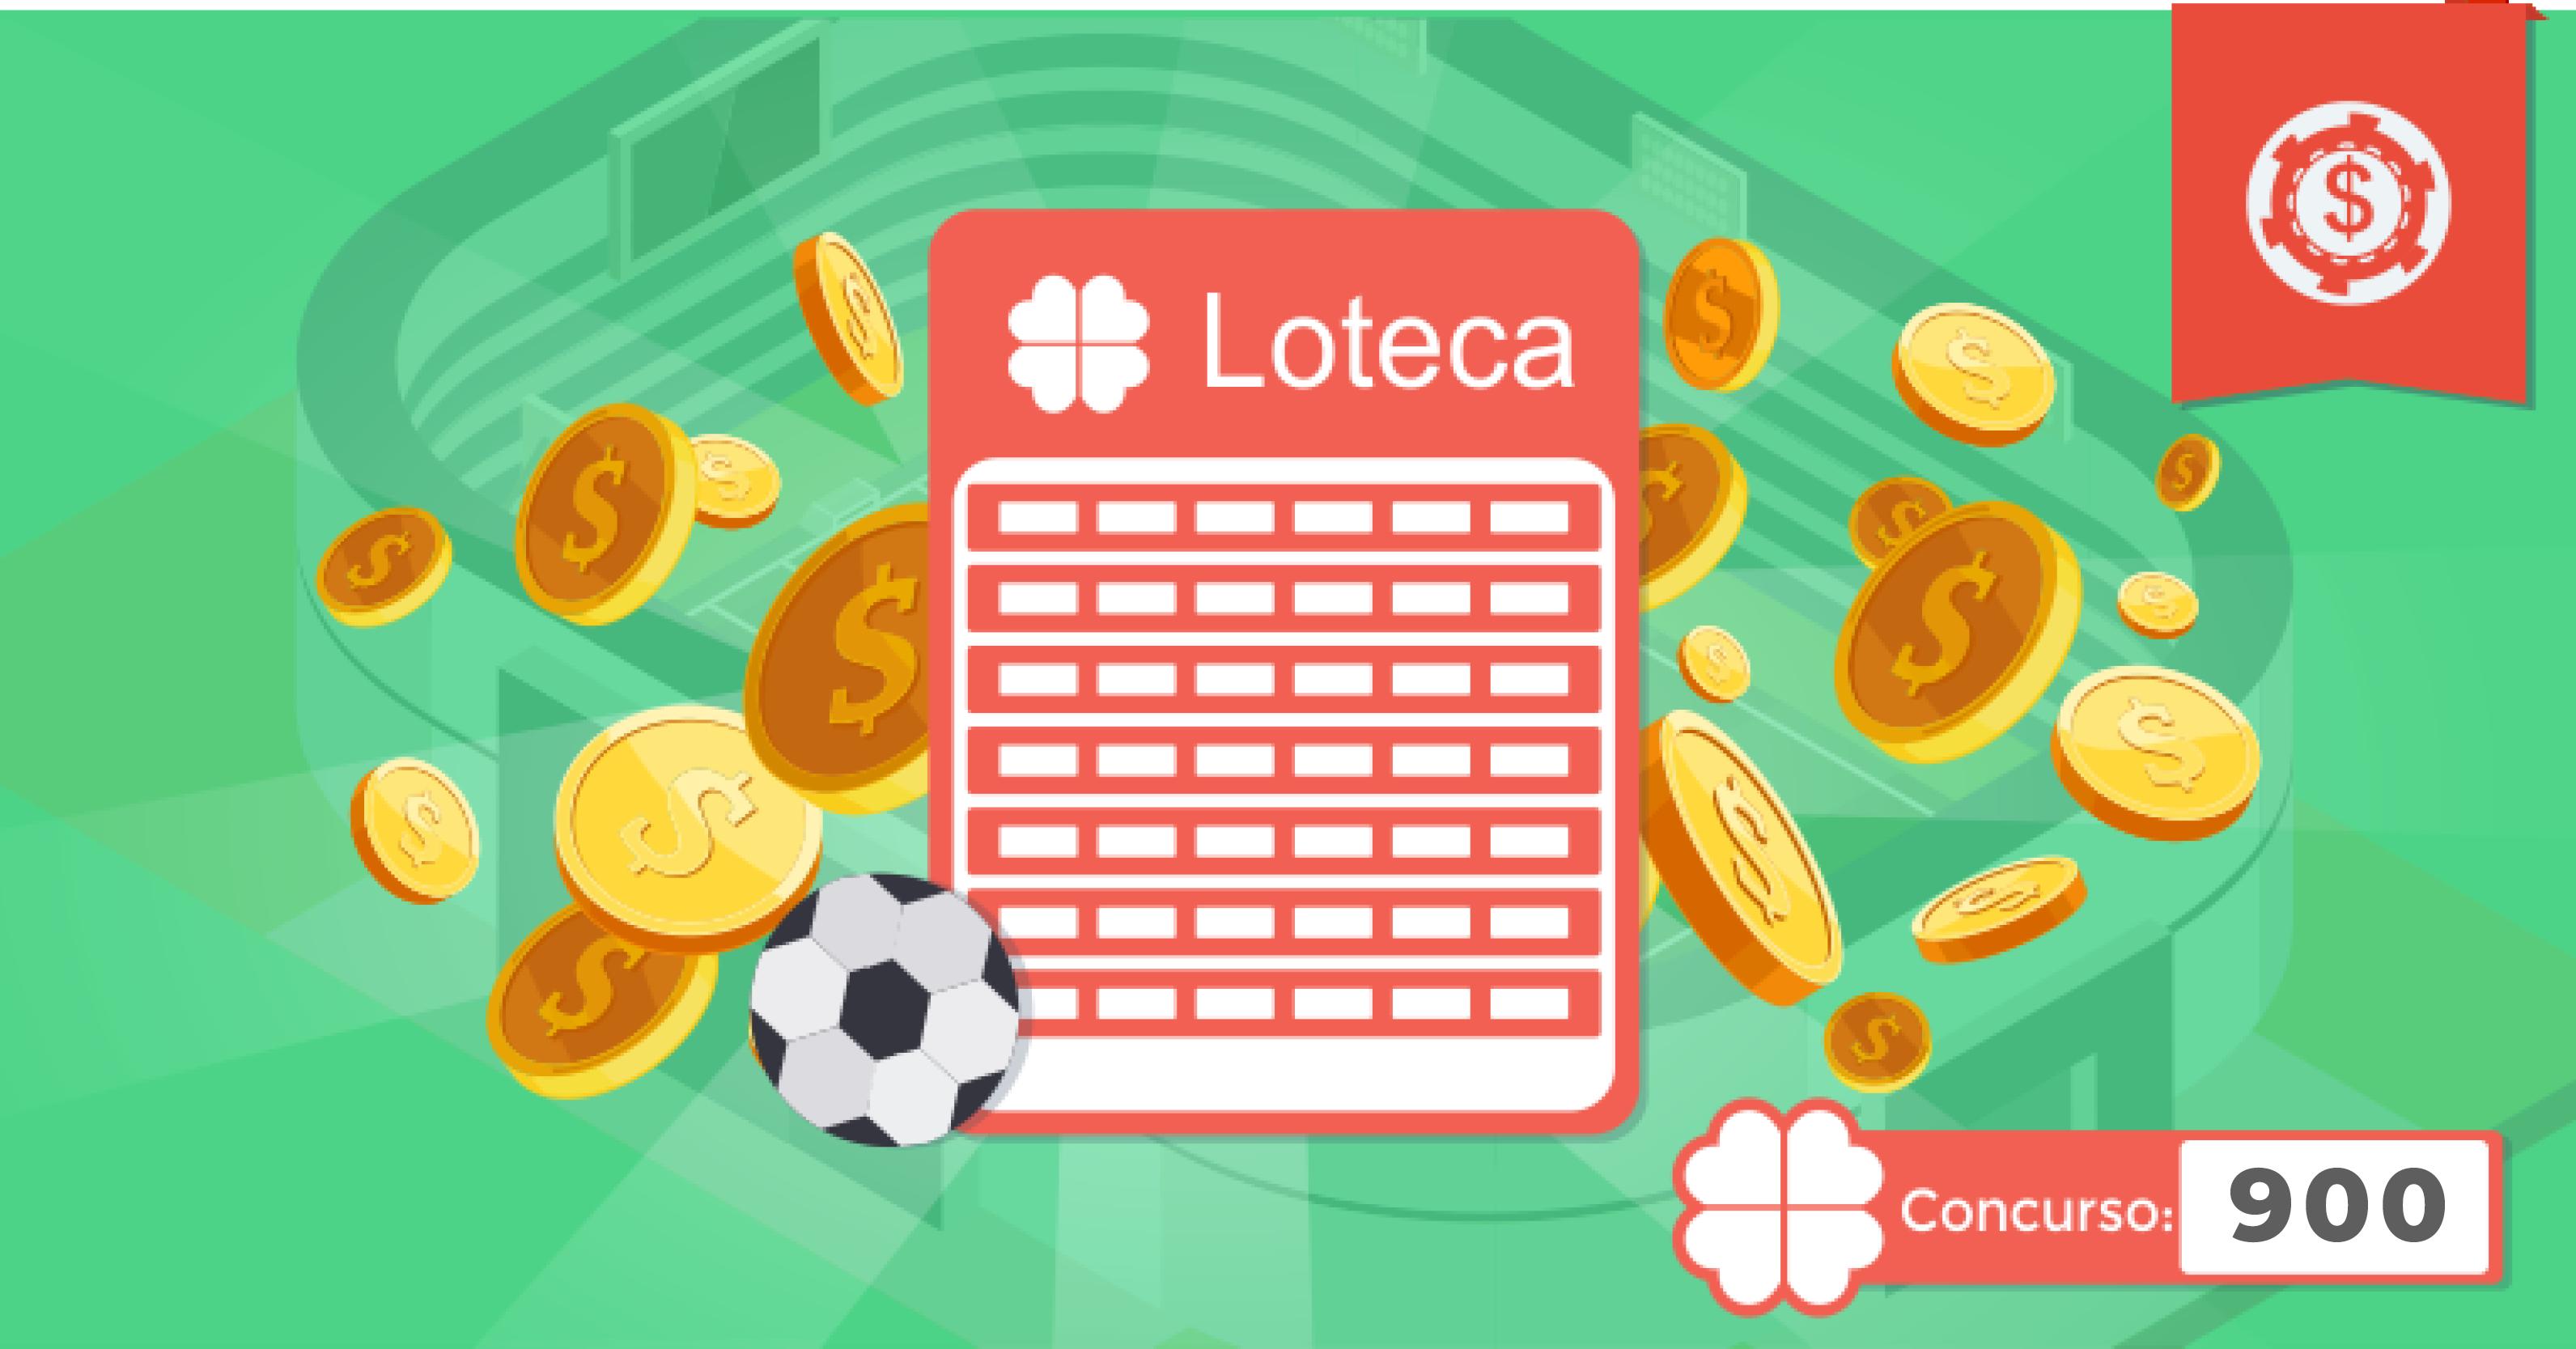 palpites-loteca-900-palpites-loteca-semana